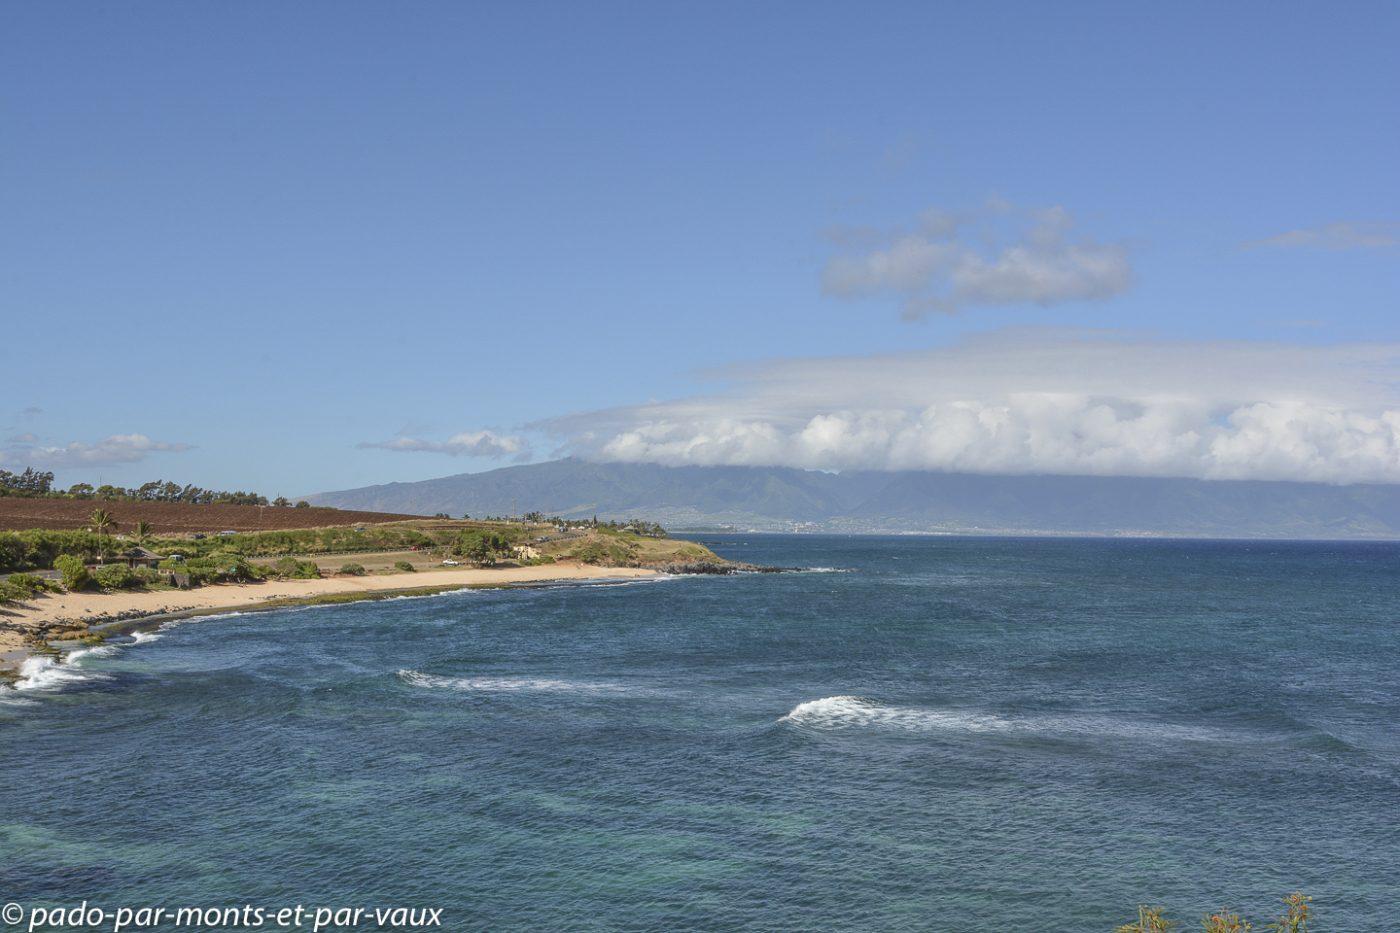 Maui - Hookipa beach